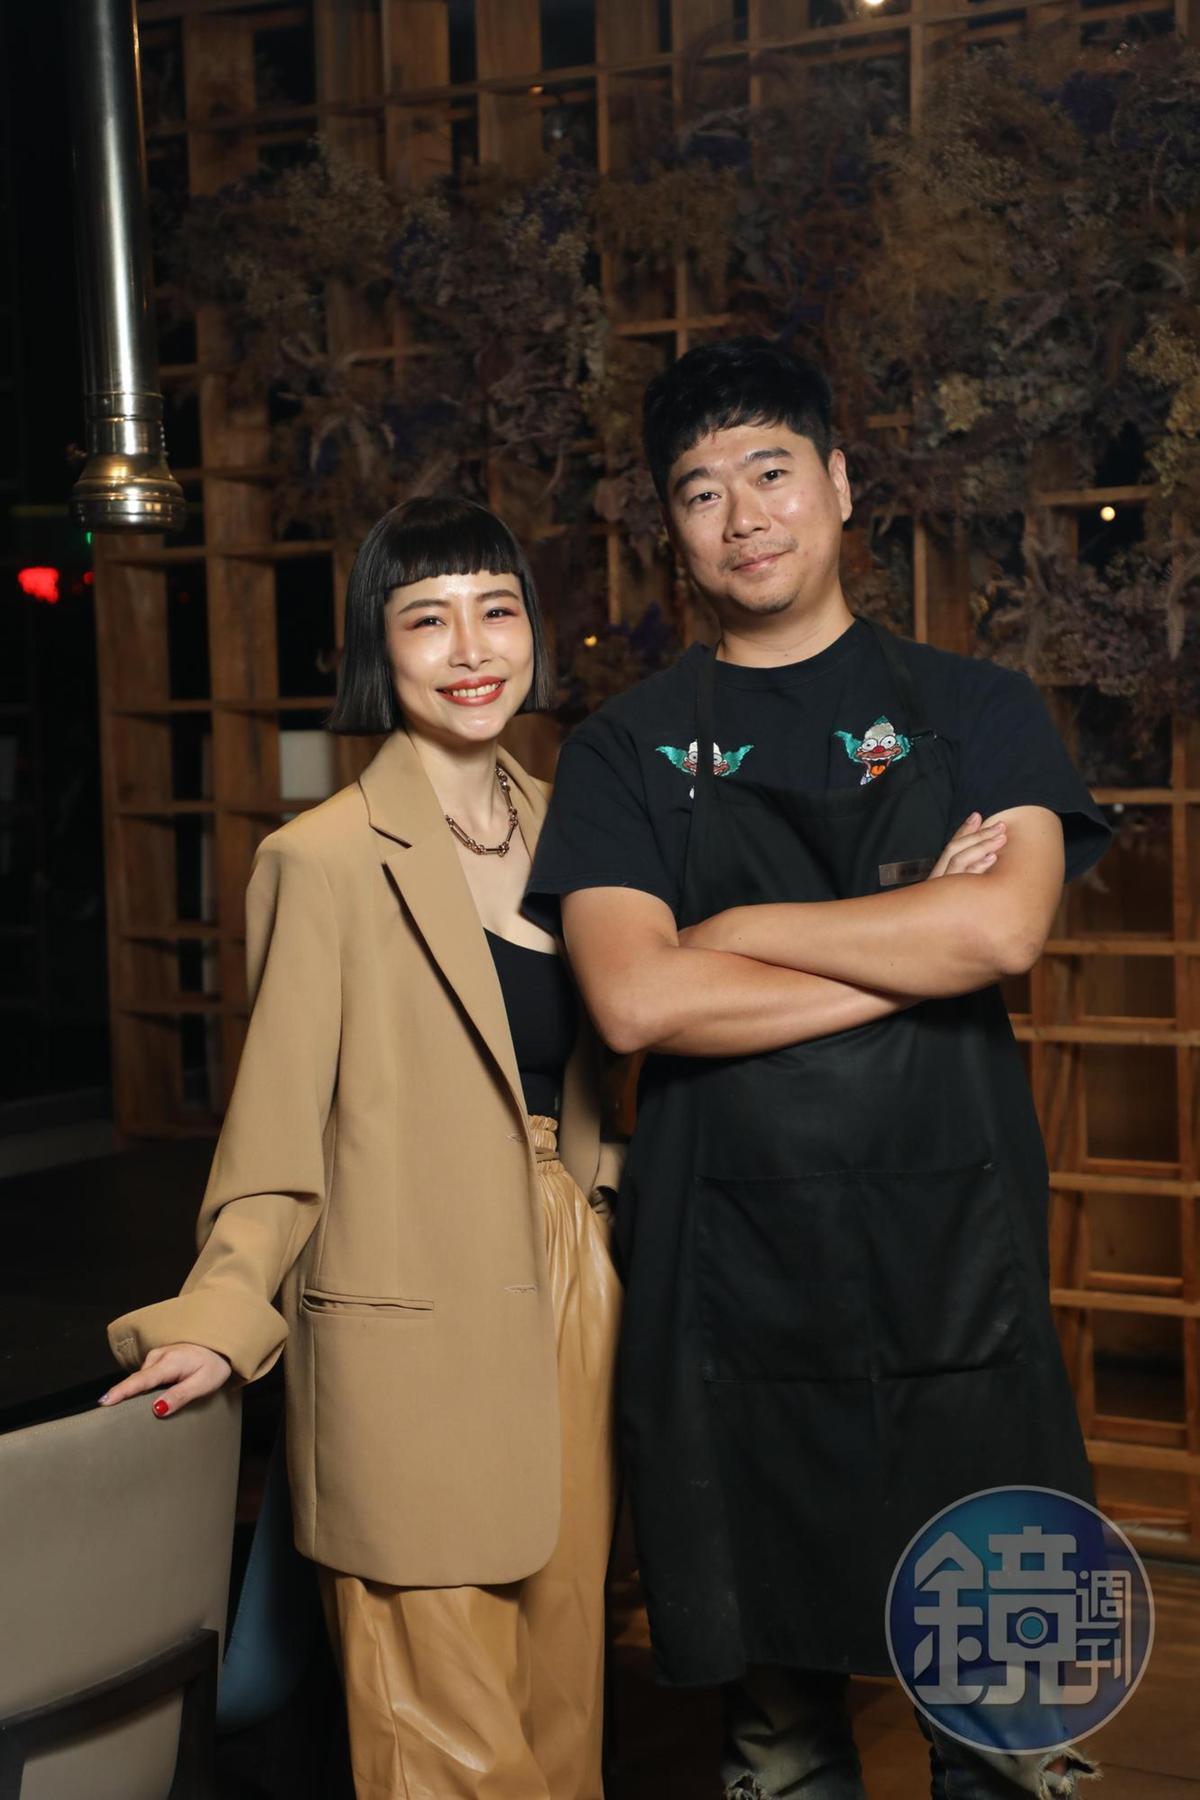 在嘉義生活超過30年的陳俊閣(右)、曹瑞儀(左),是日式燒肉店「燒肉觀止」的經營者,這回請他們帶路,推薦在地人會吃的美食。